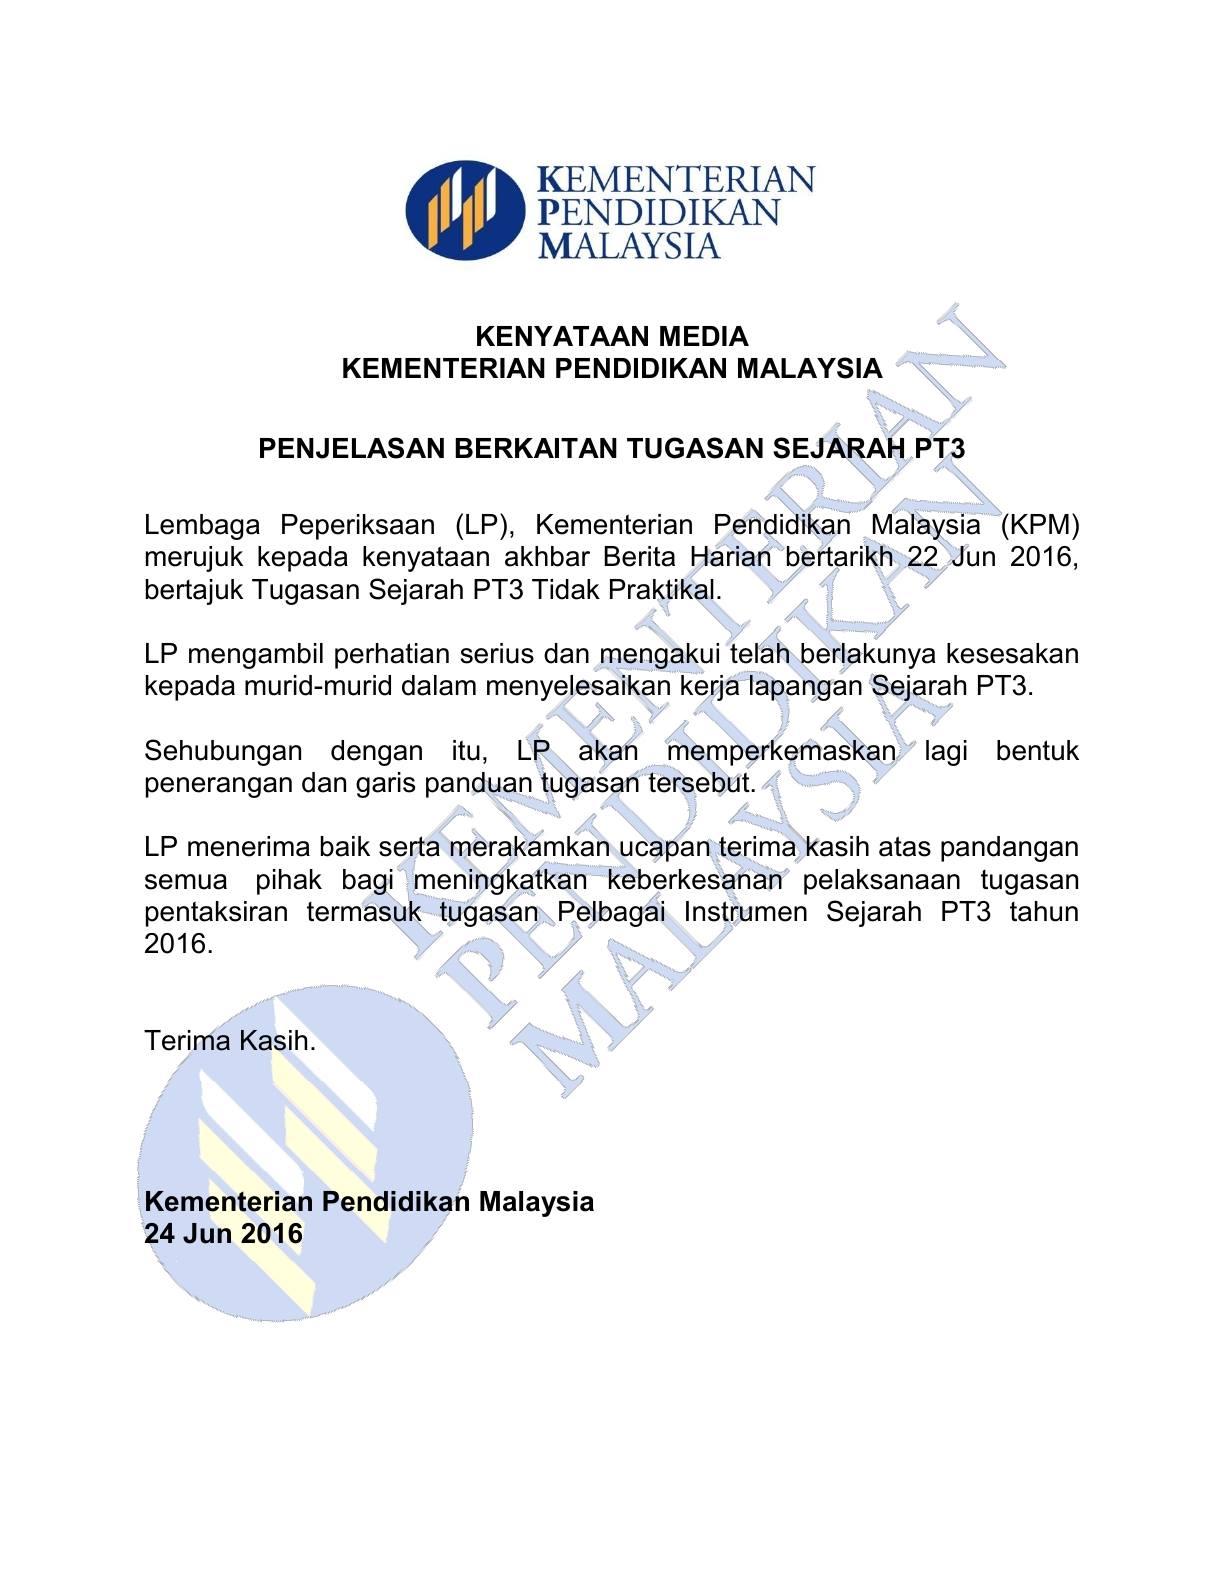 Kenyataan Media Kementerian Pendidikan Malaysia - Penjelasan Tugasan Sejarah PT3